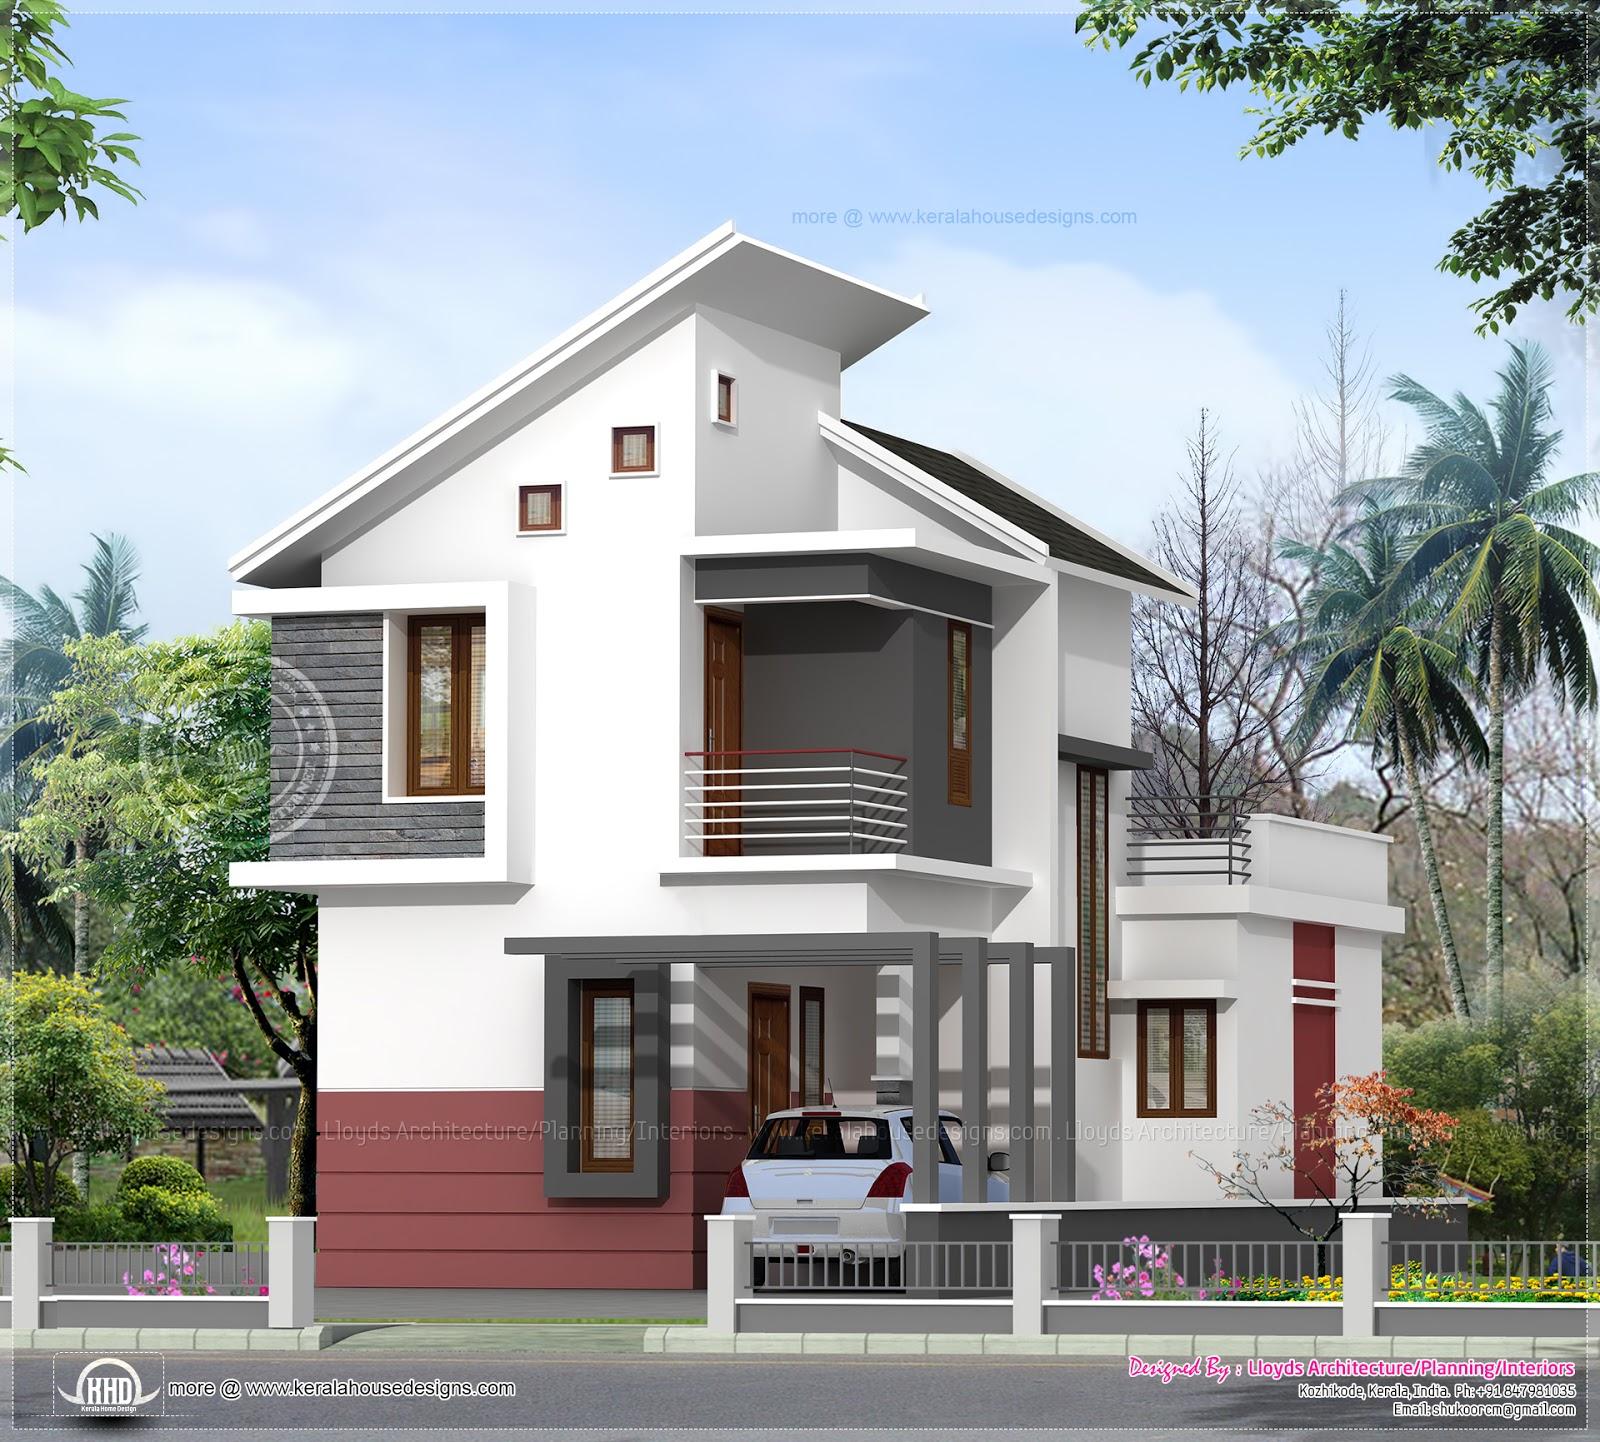 1197 Sq Ft 3 Bedroom Villa In 3 Cents Plot Home Kerala Plans